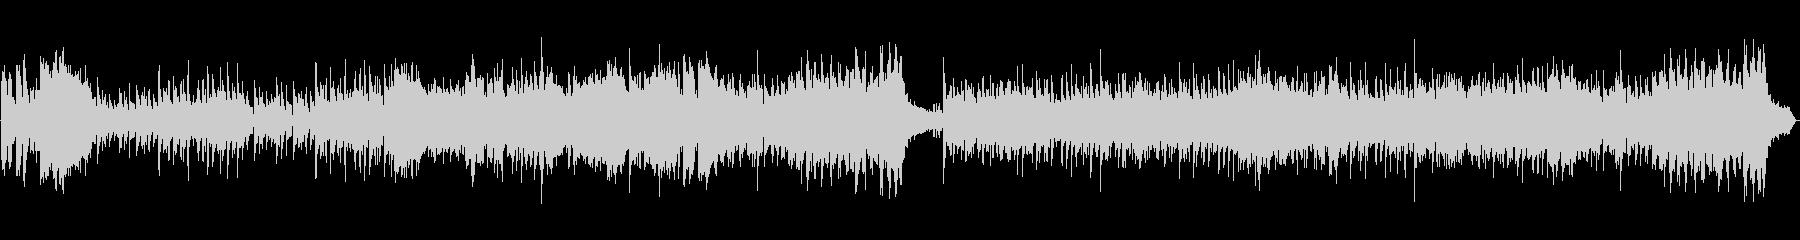 和風、琴尺八のオーケストラループ楽曲の未再生の波形